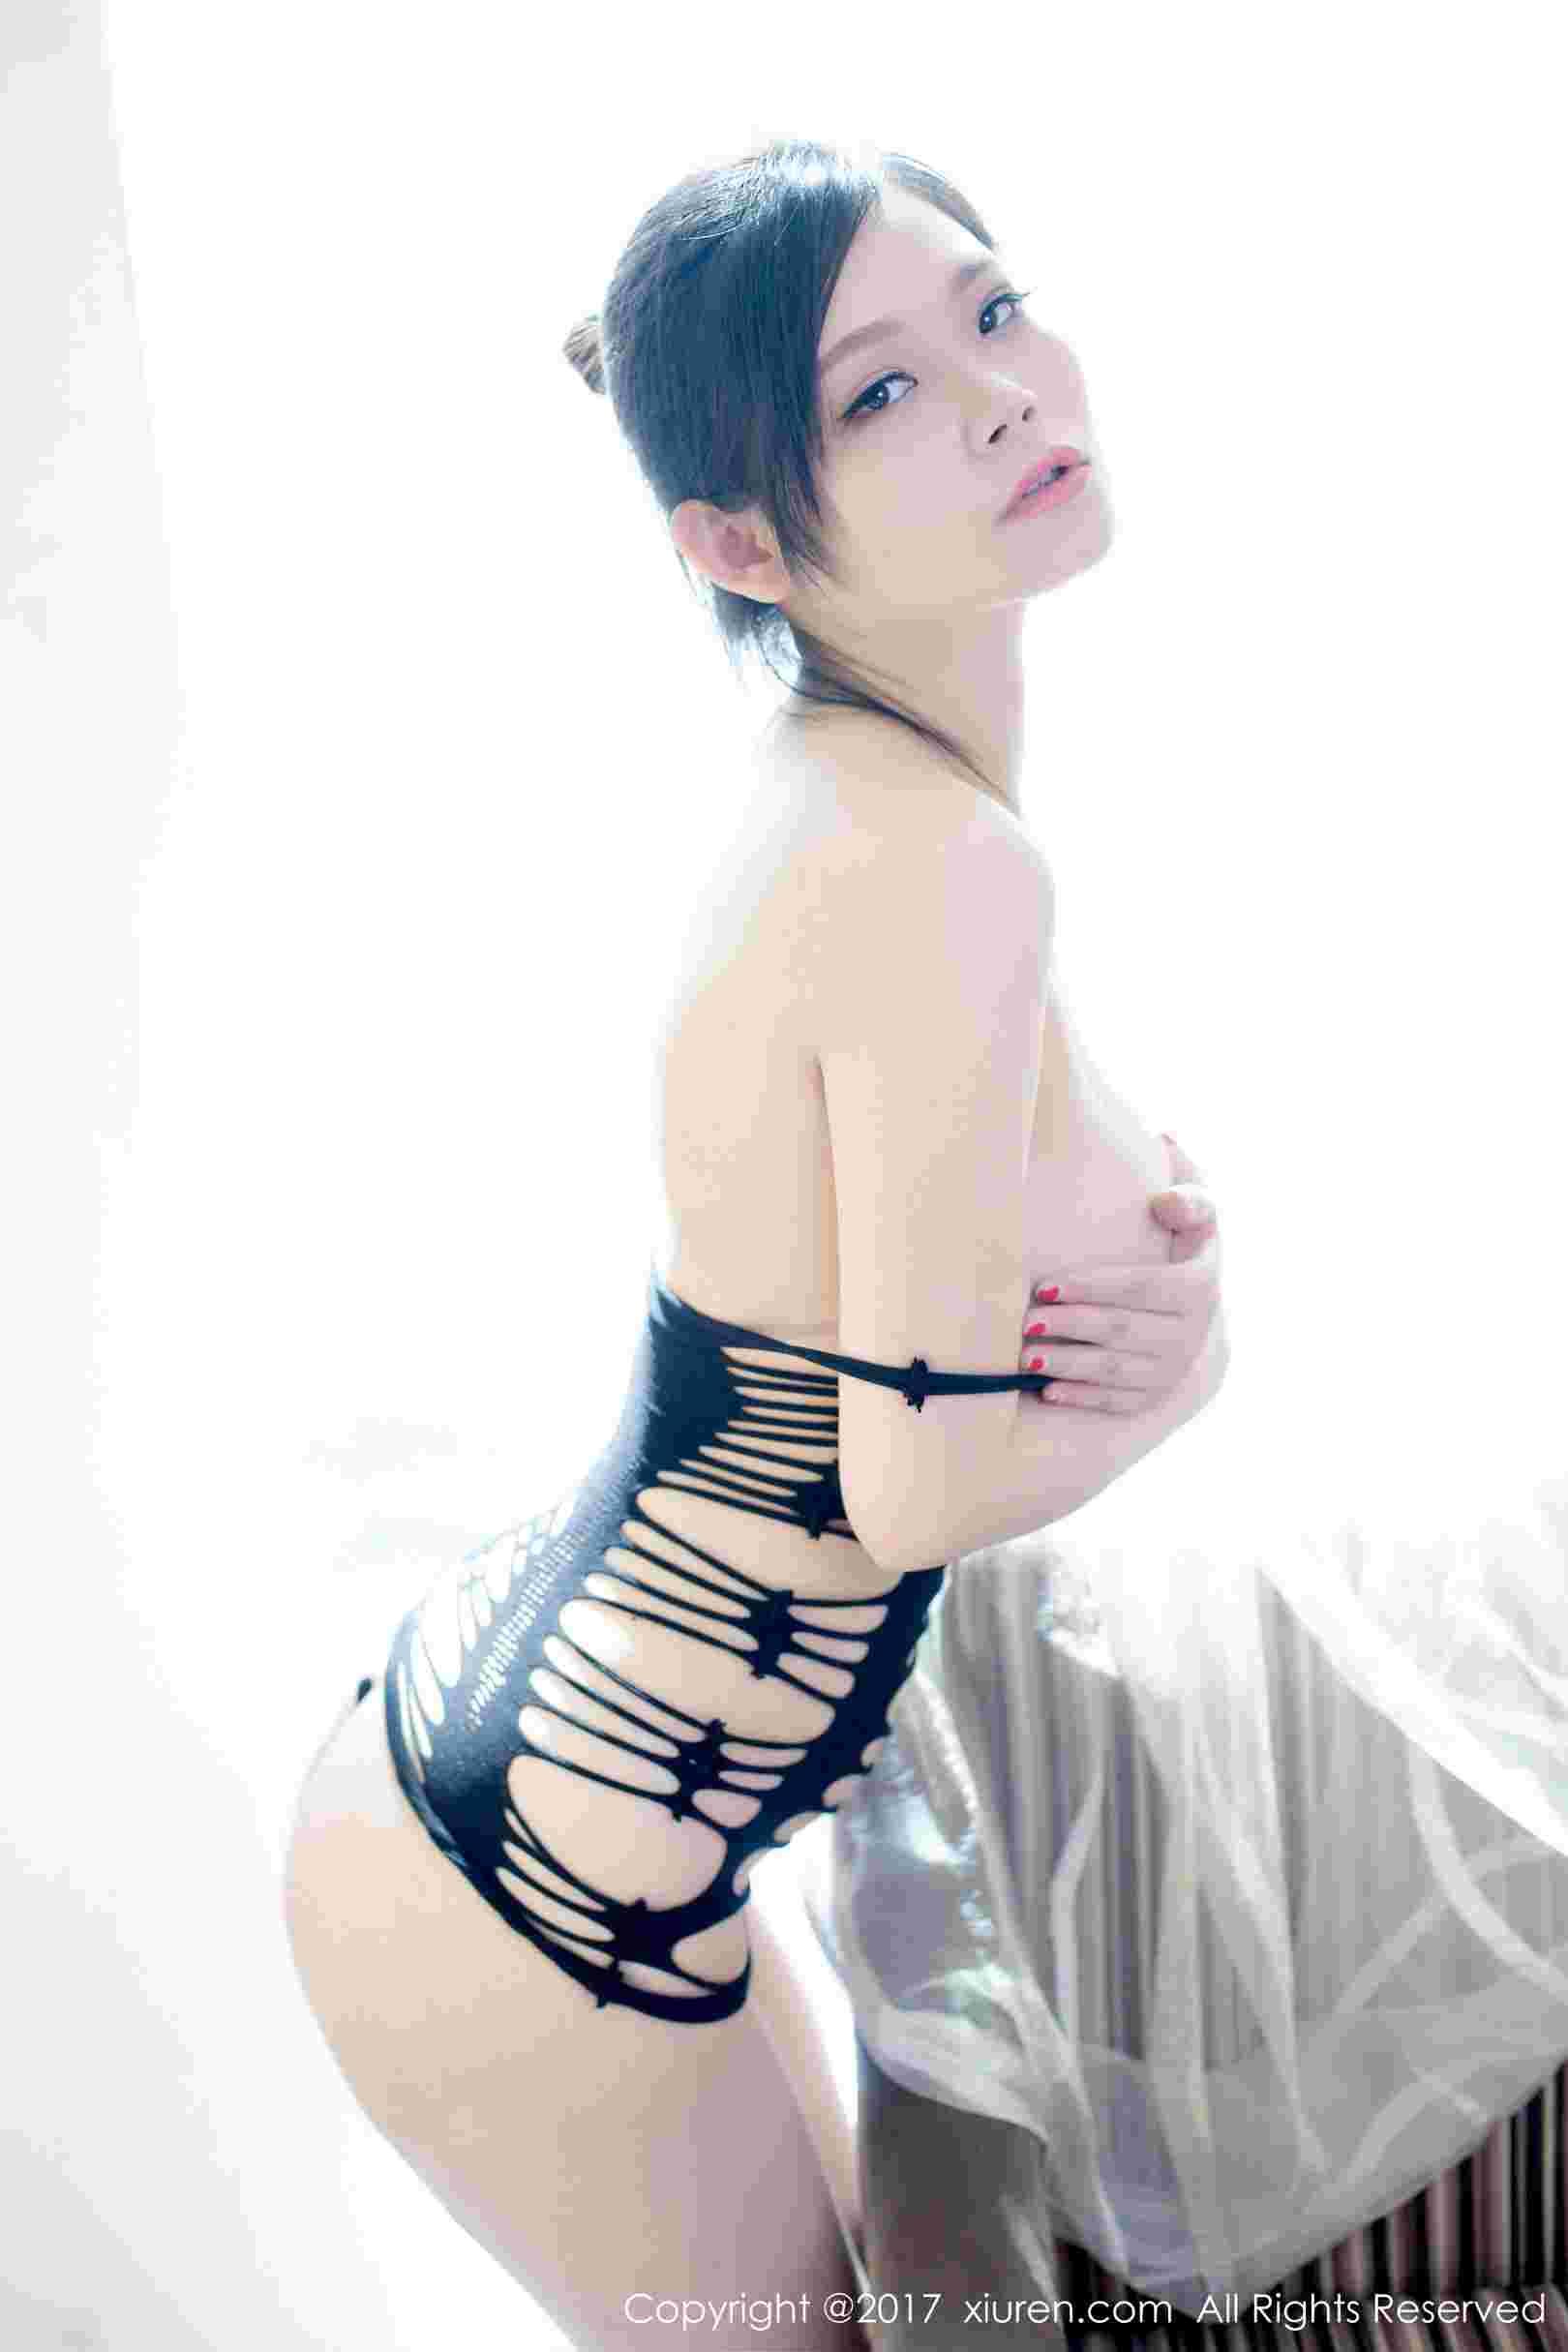 黎美儿Cici - 白嫩酥胸嫩模写真图片